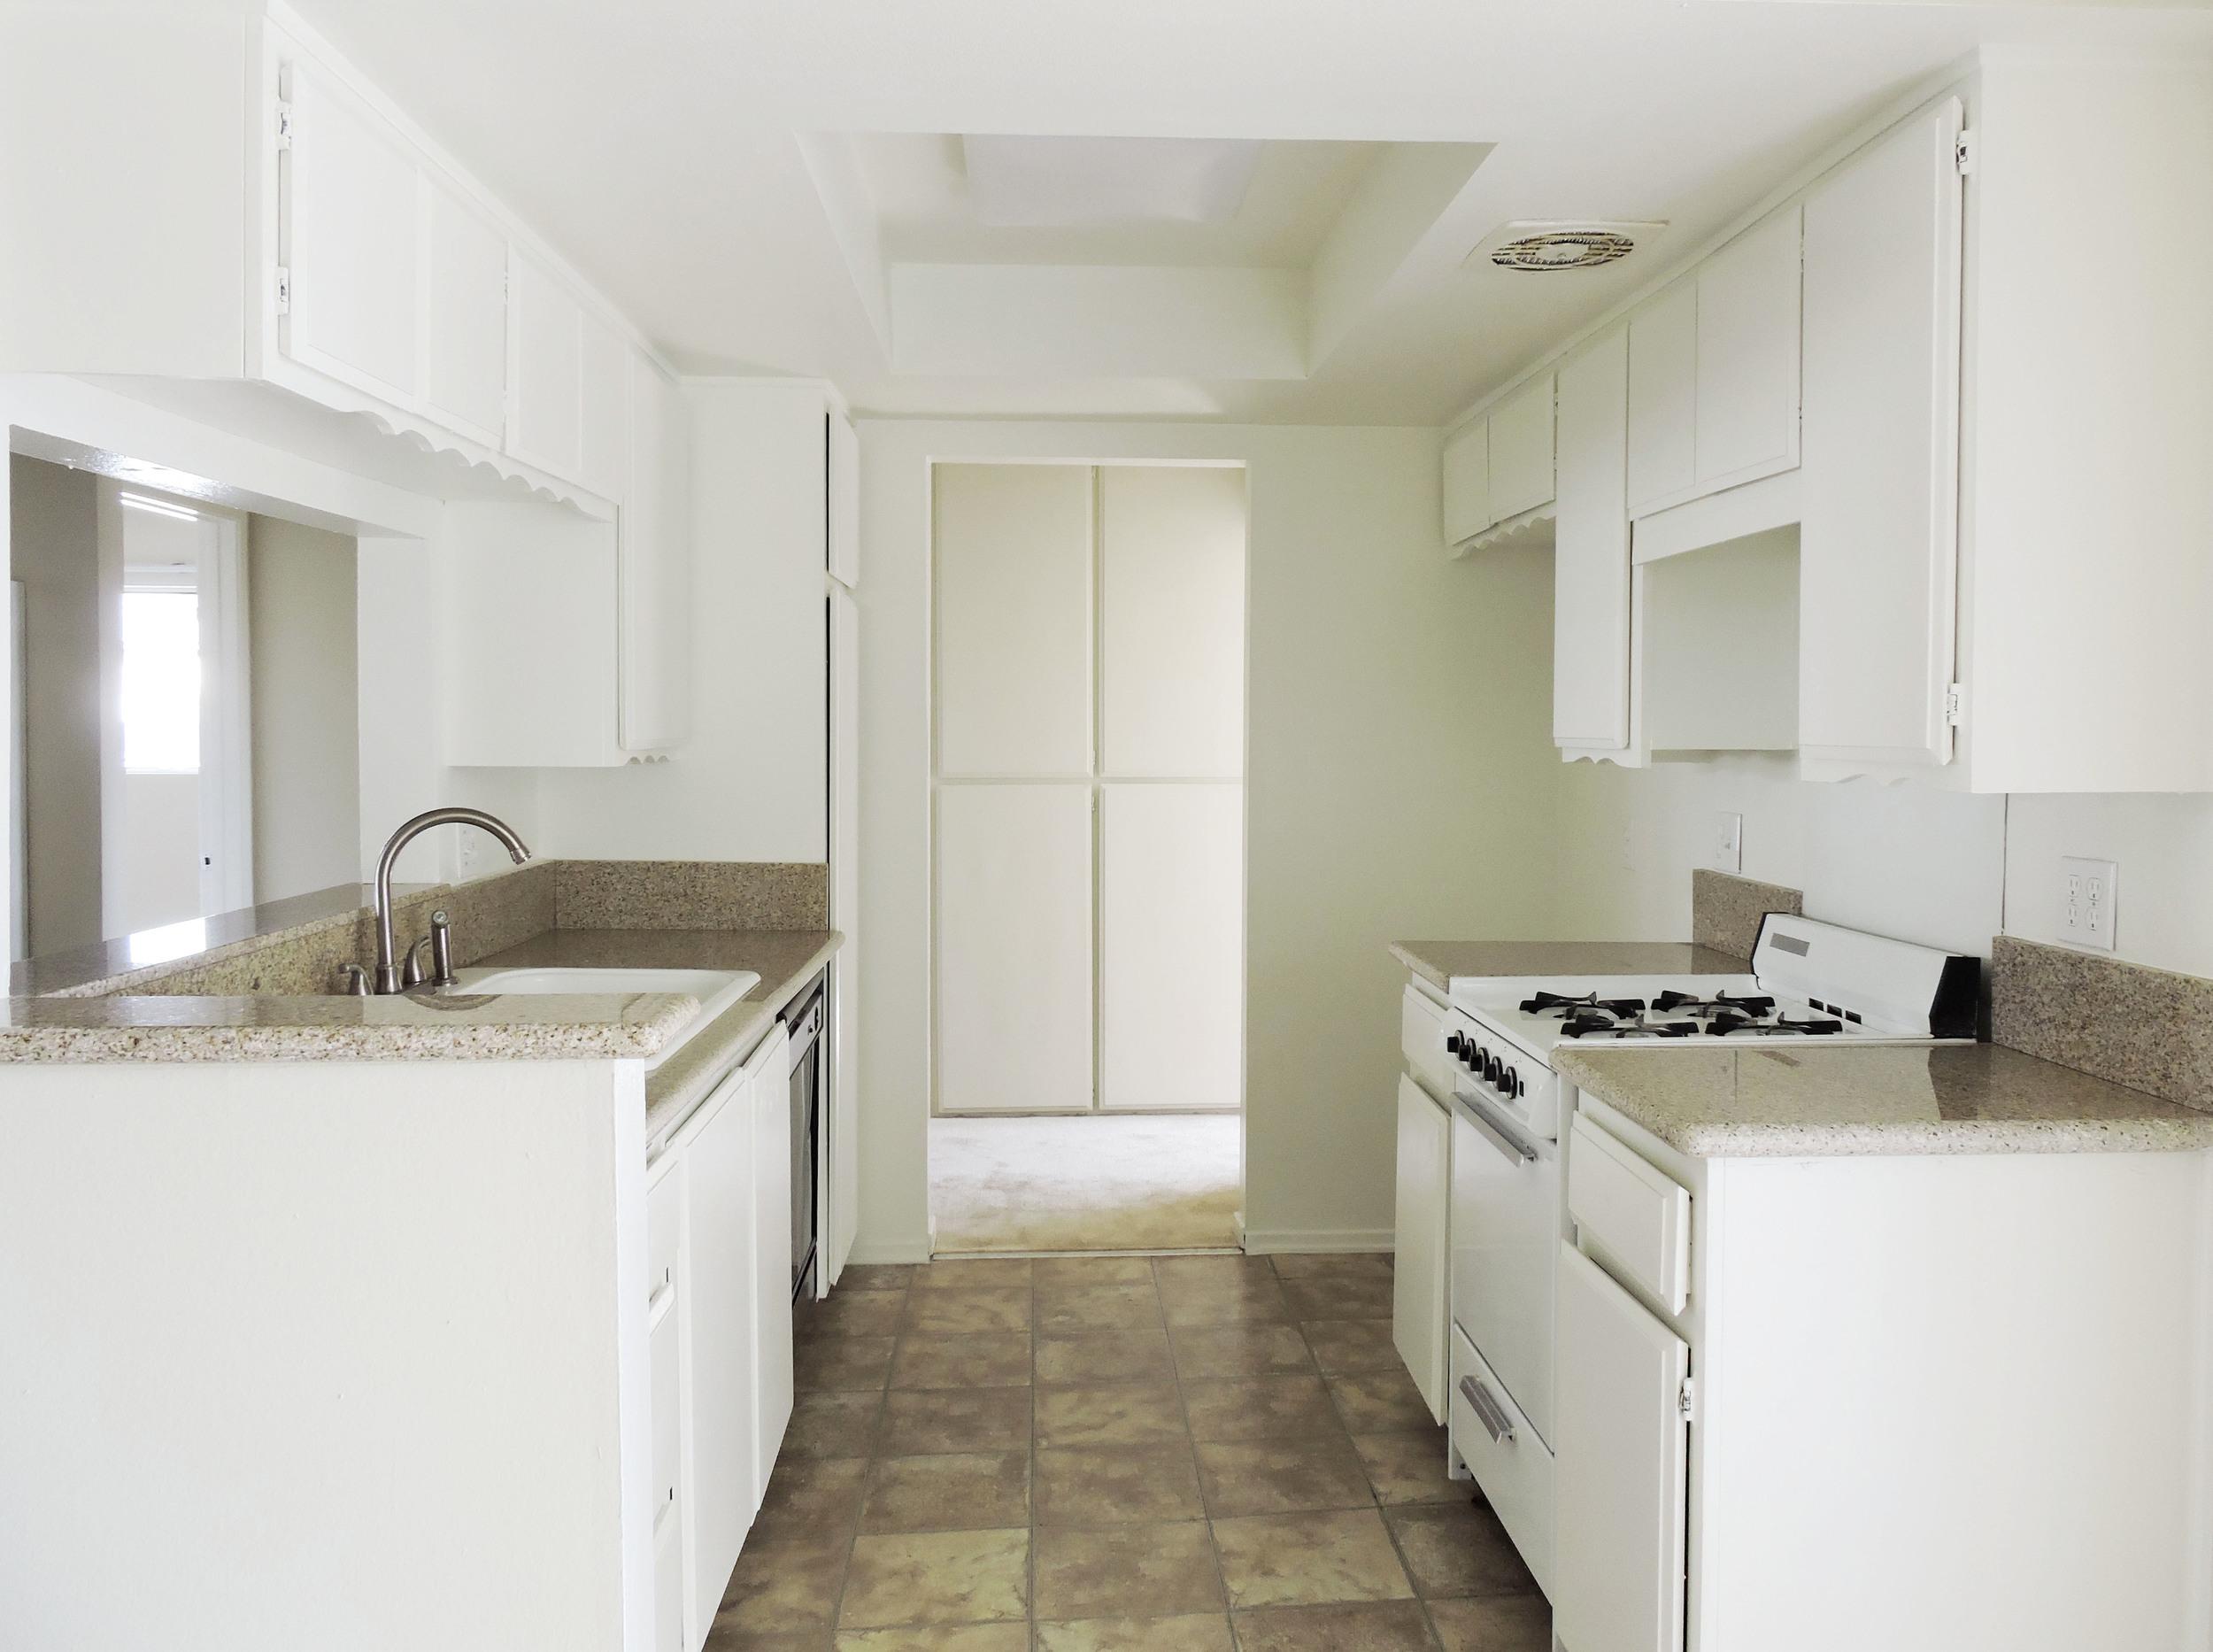 233 kitchen.jpg